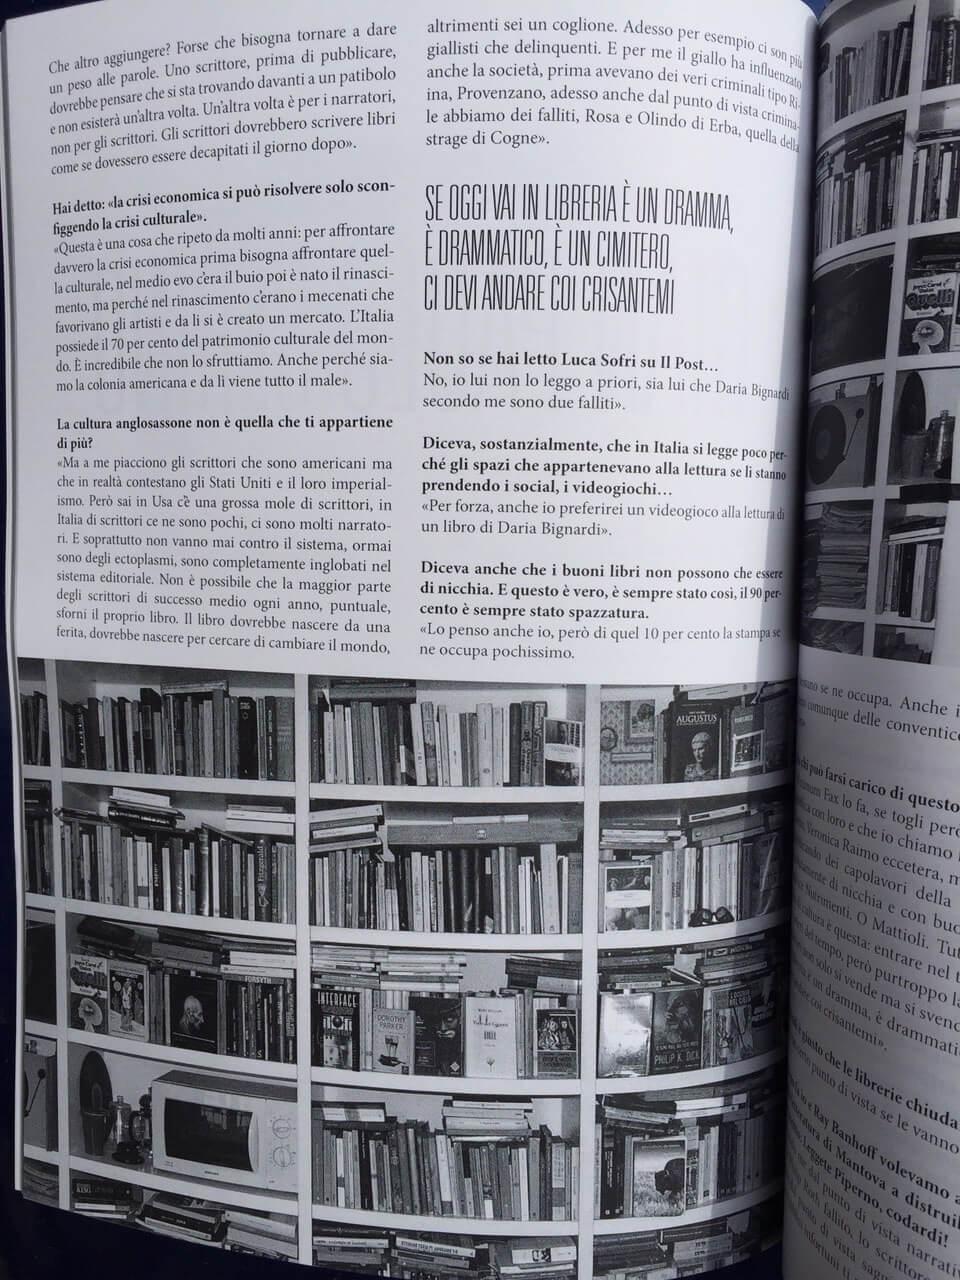 wnr-libro3c